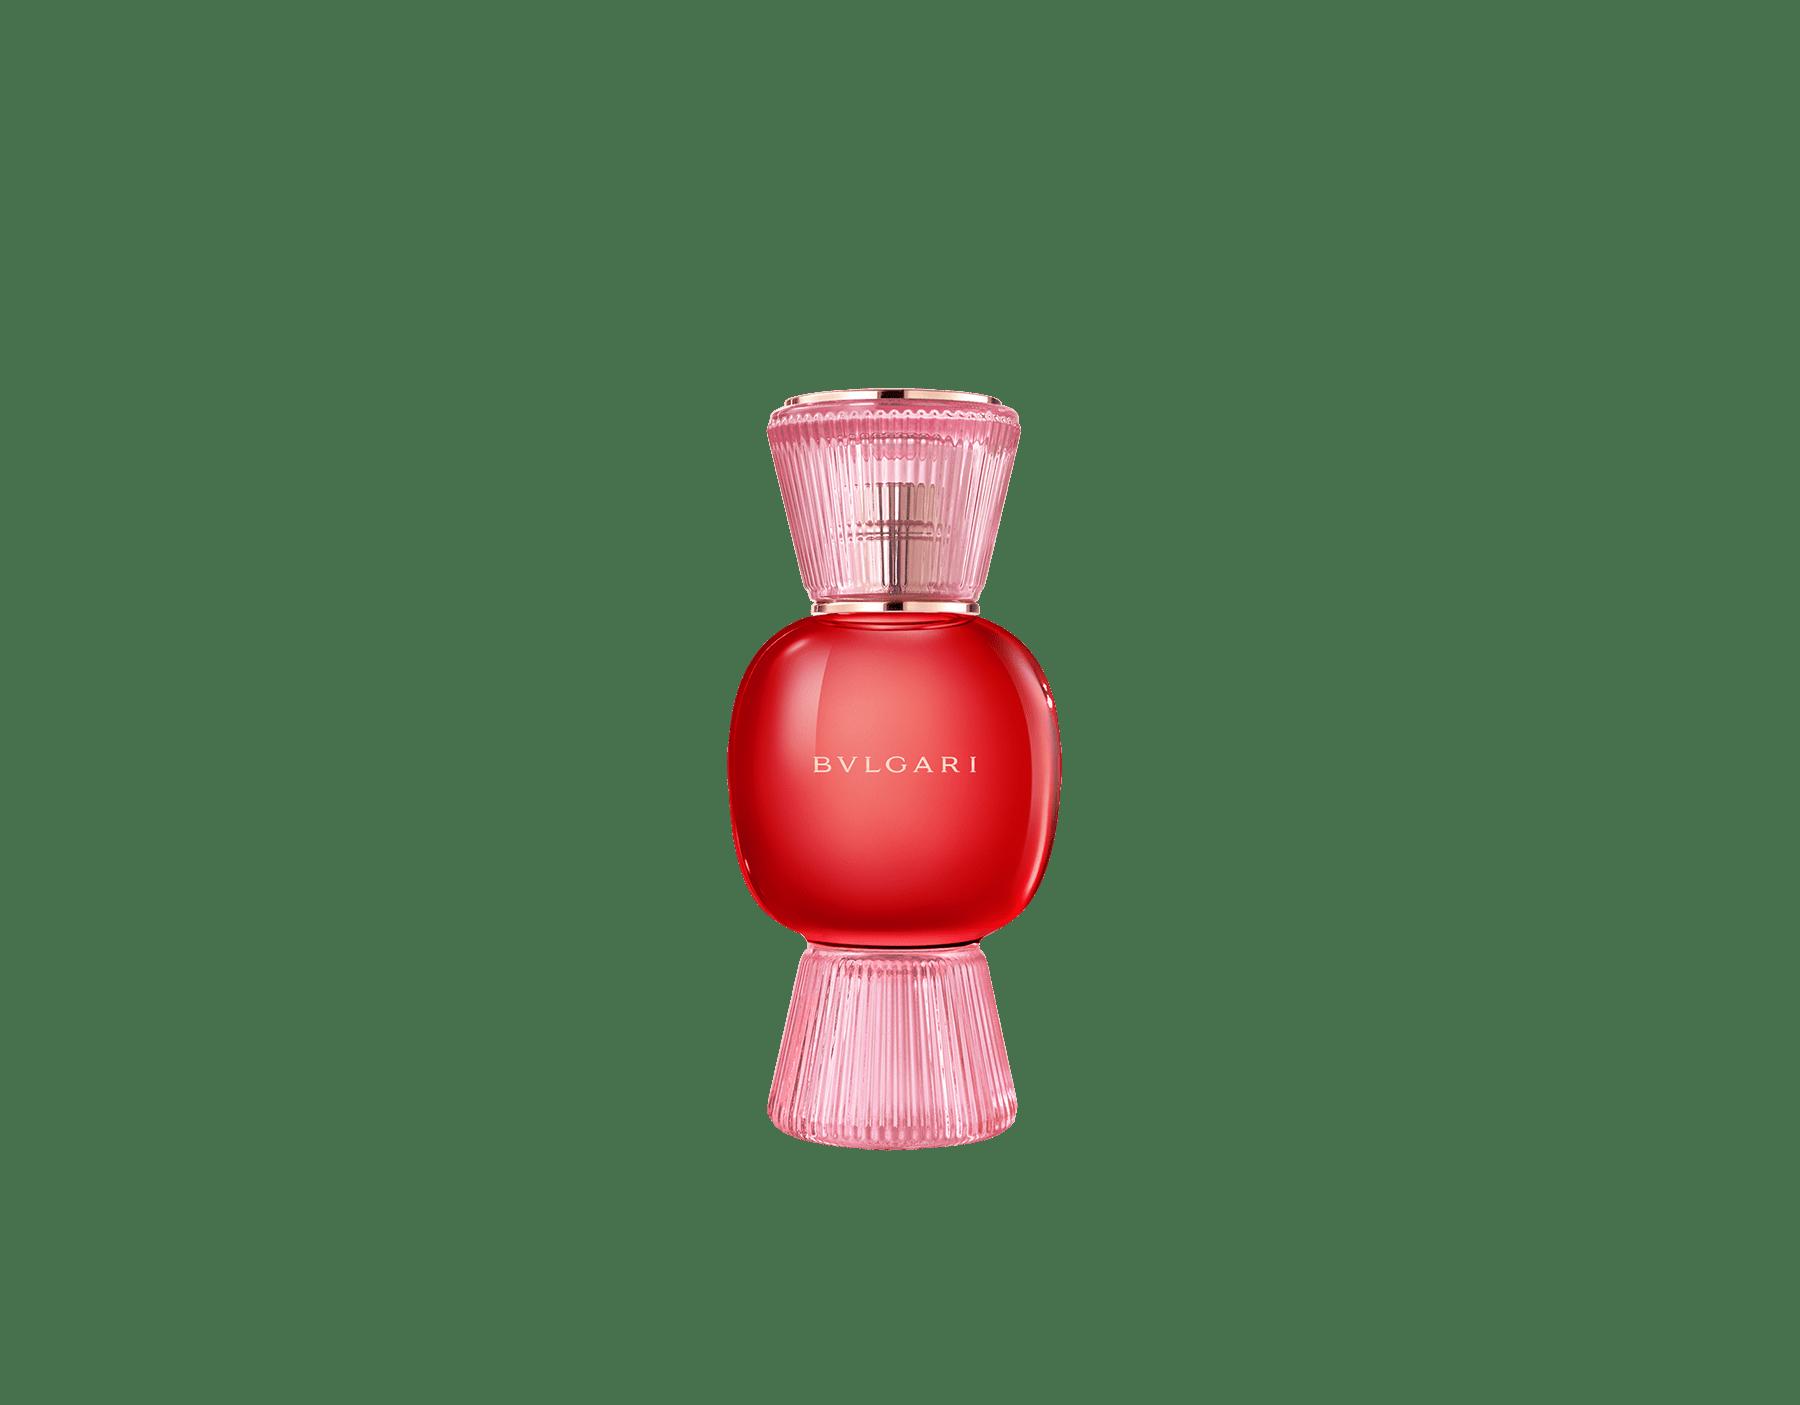 «C'est une rose rouge - fraîche, veloutée, fruitée.» Jacques Cavallier Une magnifique fragrance florale exprimant l'exaltation amoureuse de recevoir un immense bouquet de roses 41241 image 4